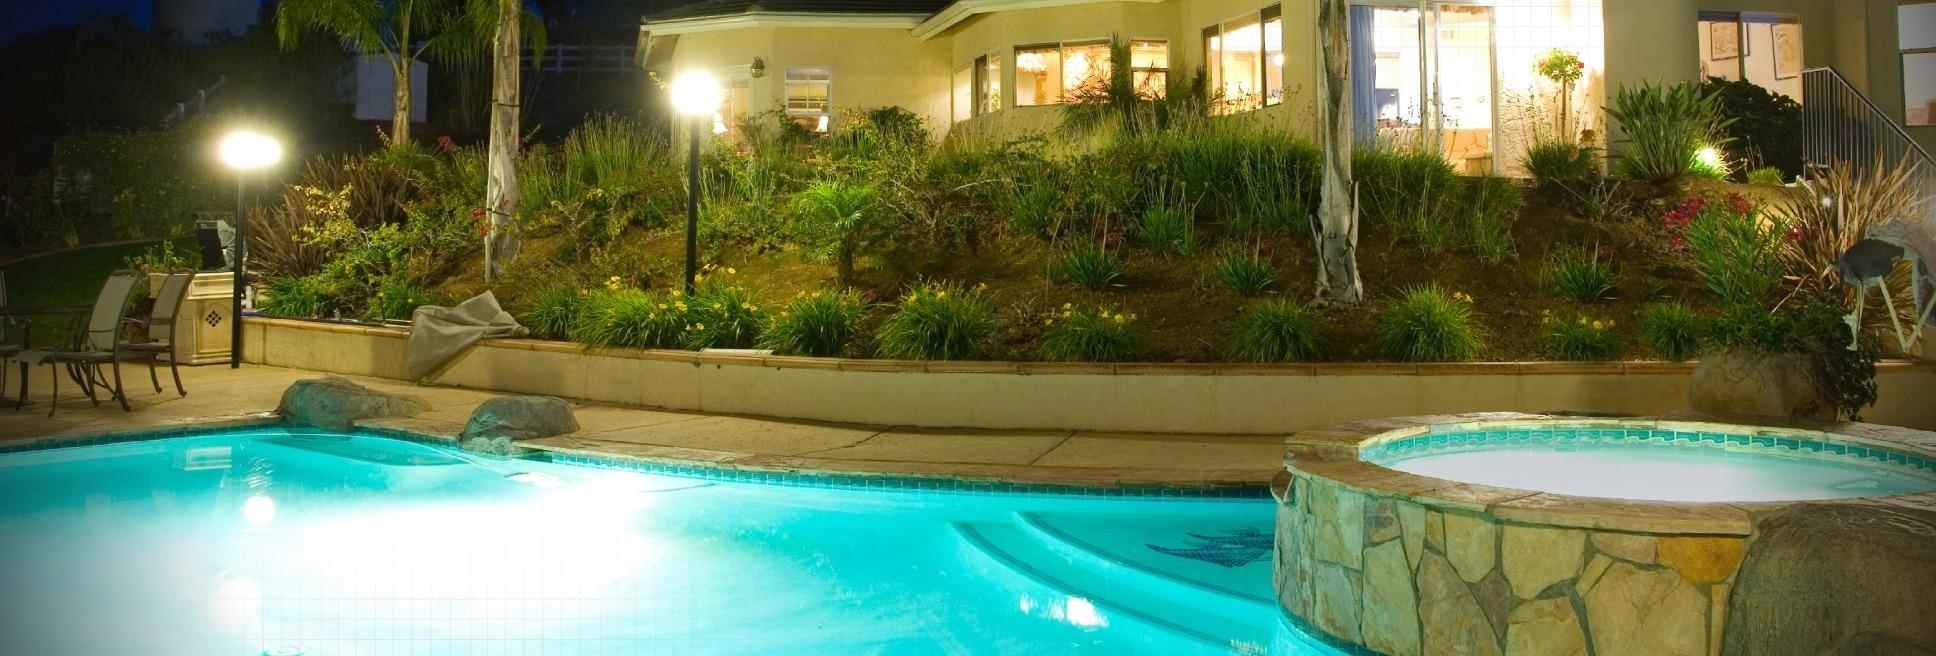 95_inground_pool